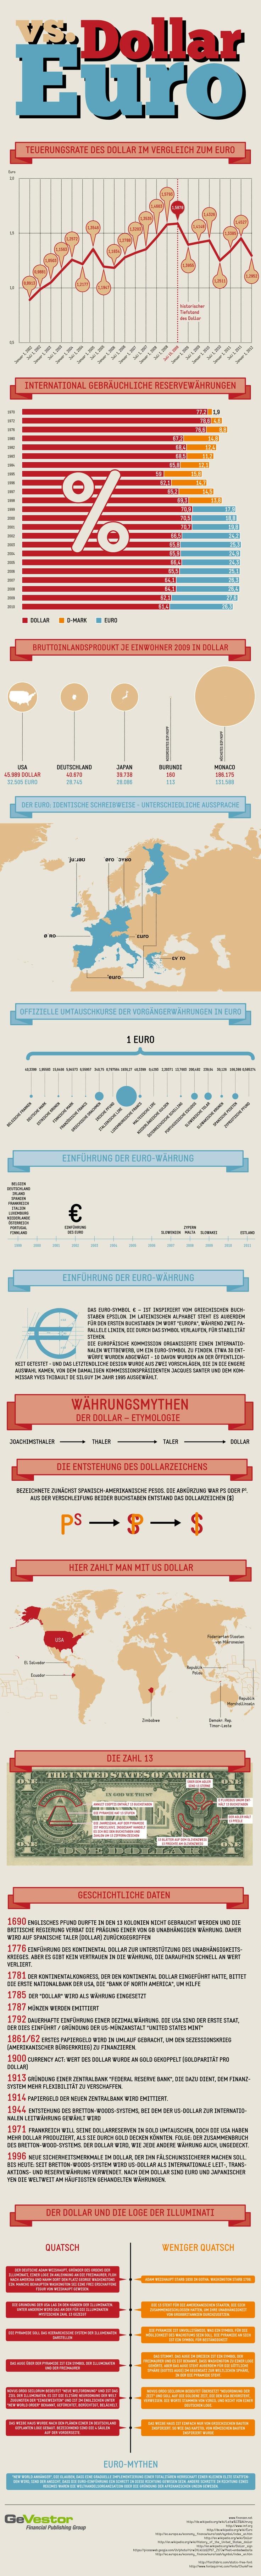 Lange galt: Der Dollar ist die Leitwährung schlechthin. Doch durch Krisen und Aufweichungsprozesse ist dies längst nicht mehr sicher.  Wir werfen einen Blick auf das Verhältnis von Dollar und Euro. Zur Einführung galt der Dollar ganz klar als überlegen – aber ist das wirklich noch so?